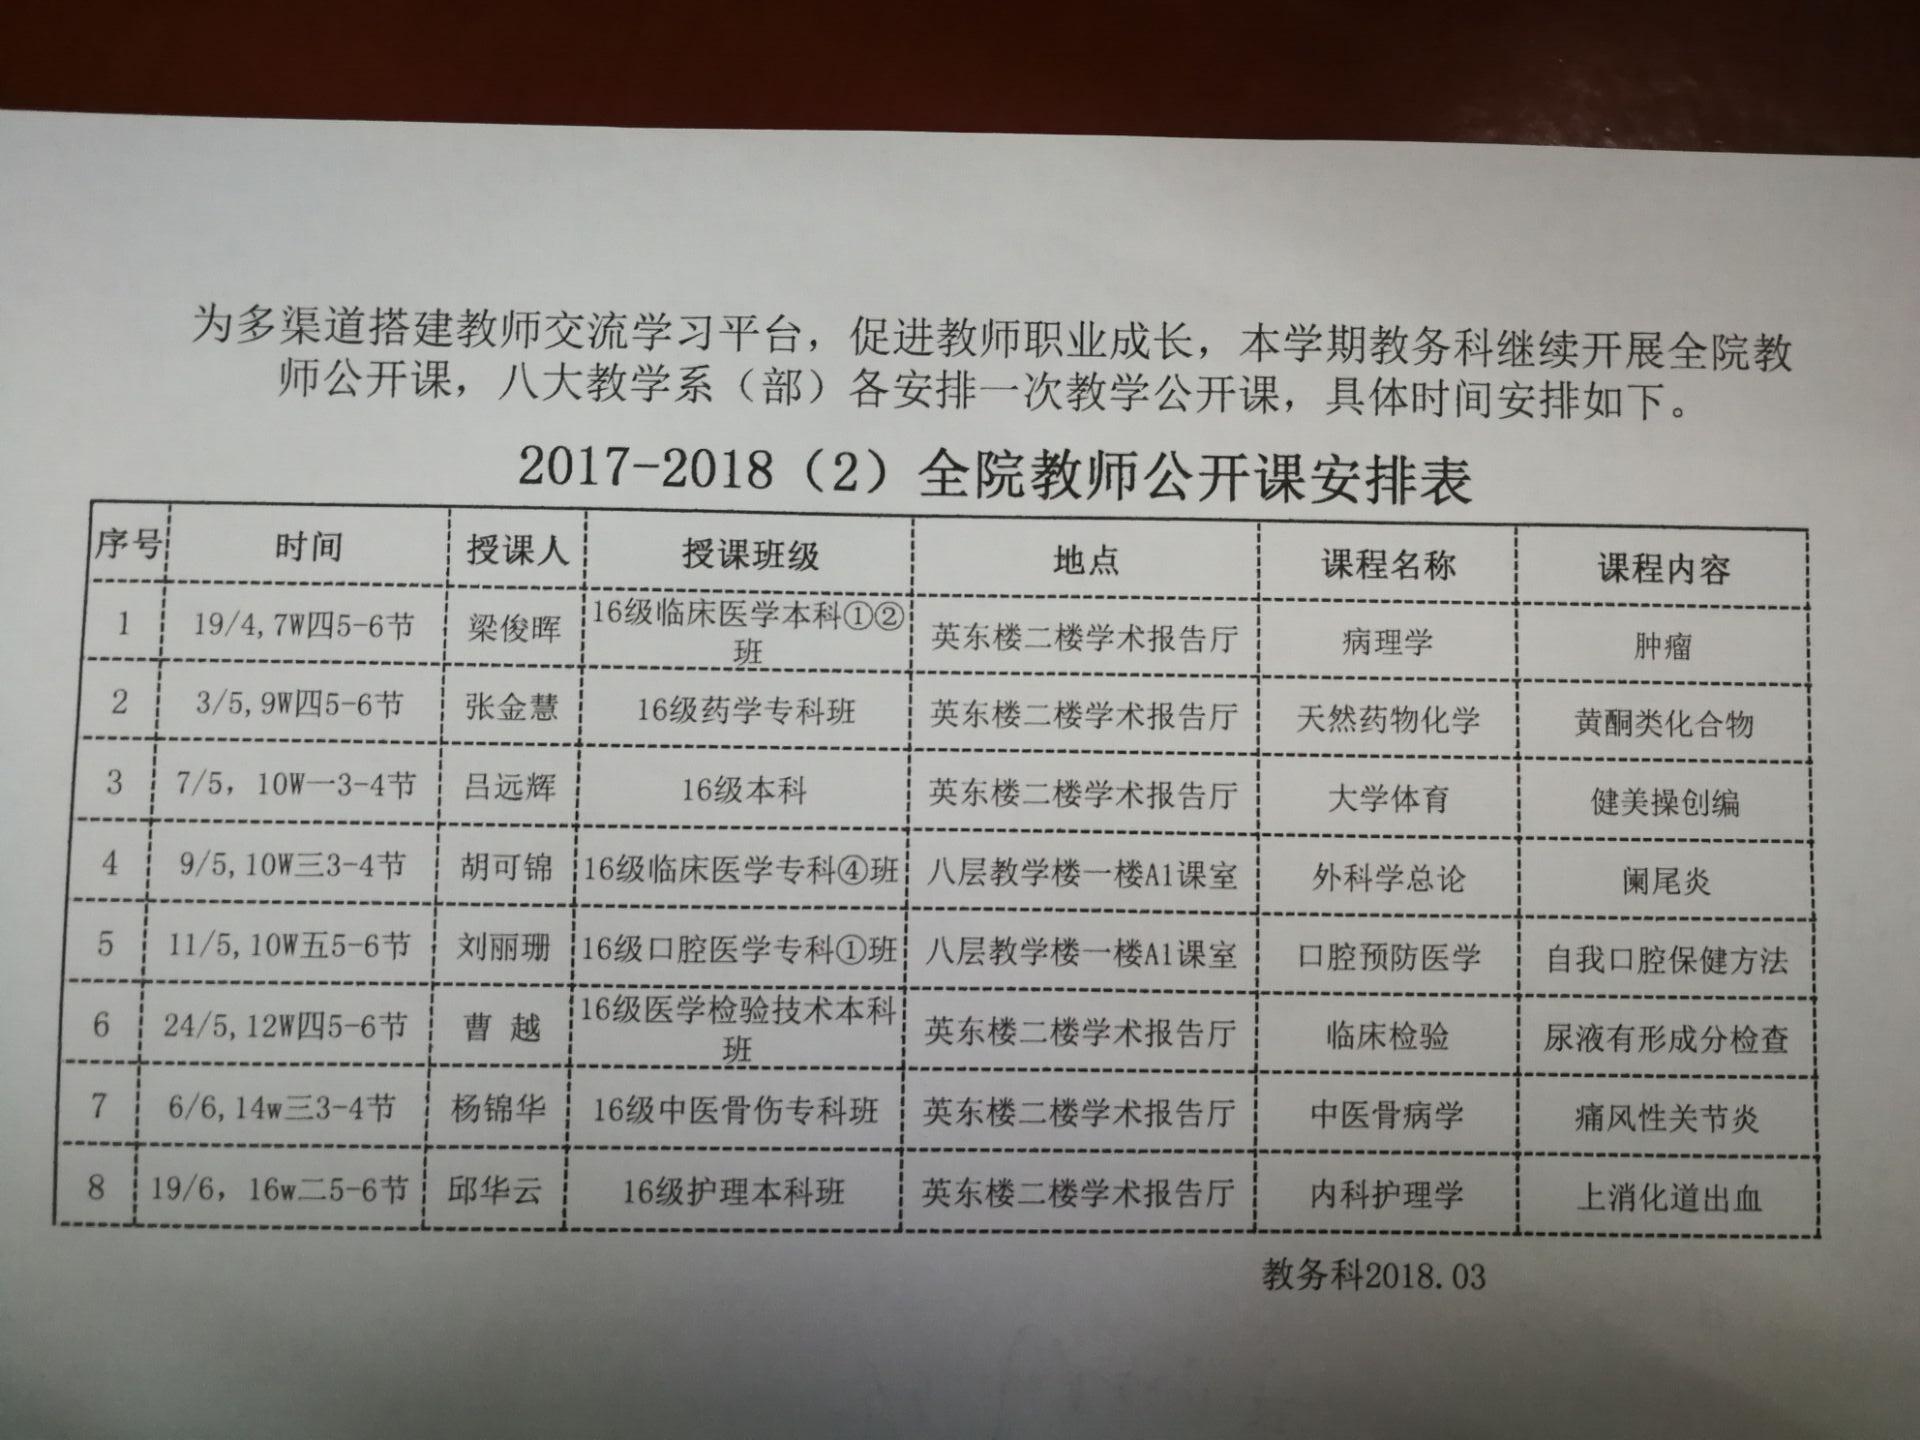 全院教师公开课安排2017-2018(2)